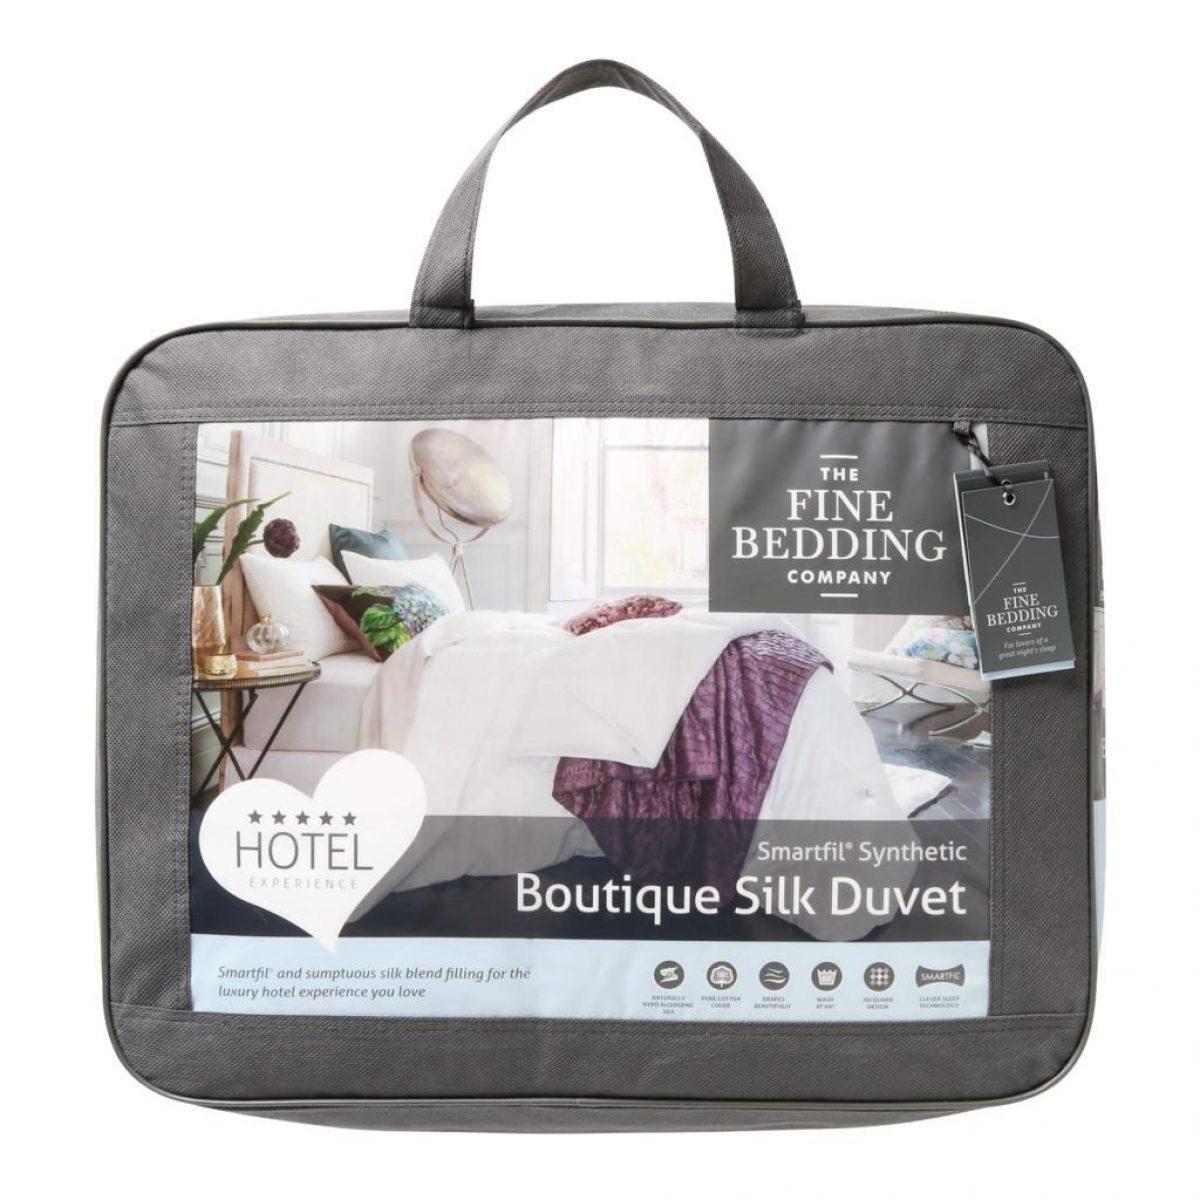 Fine Bedding Boutique Silk Duvet Packed 1024x1024